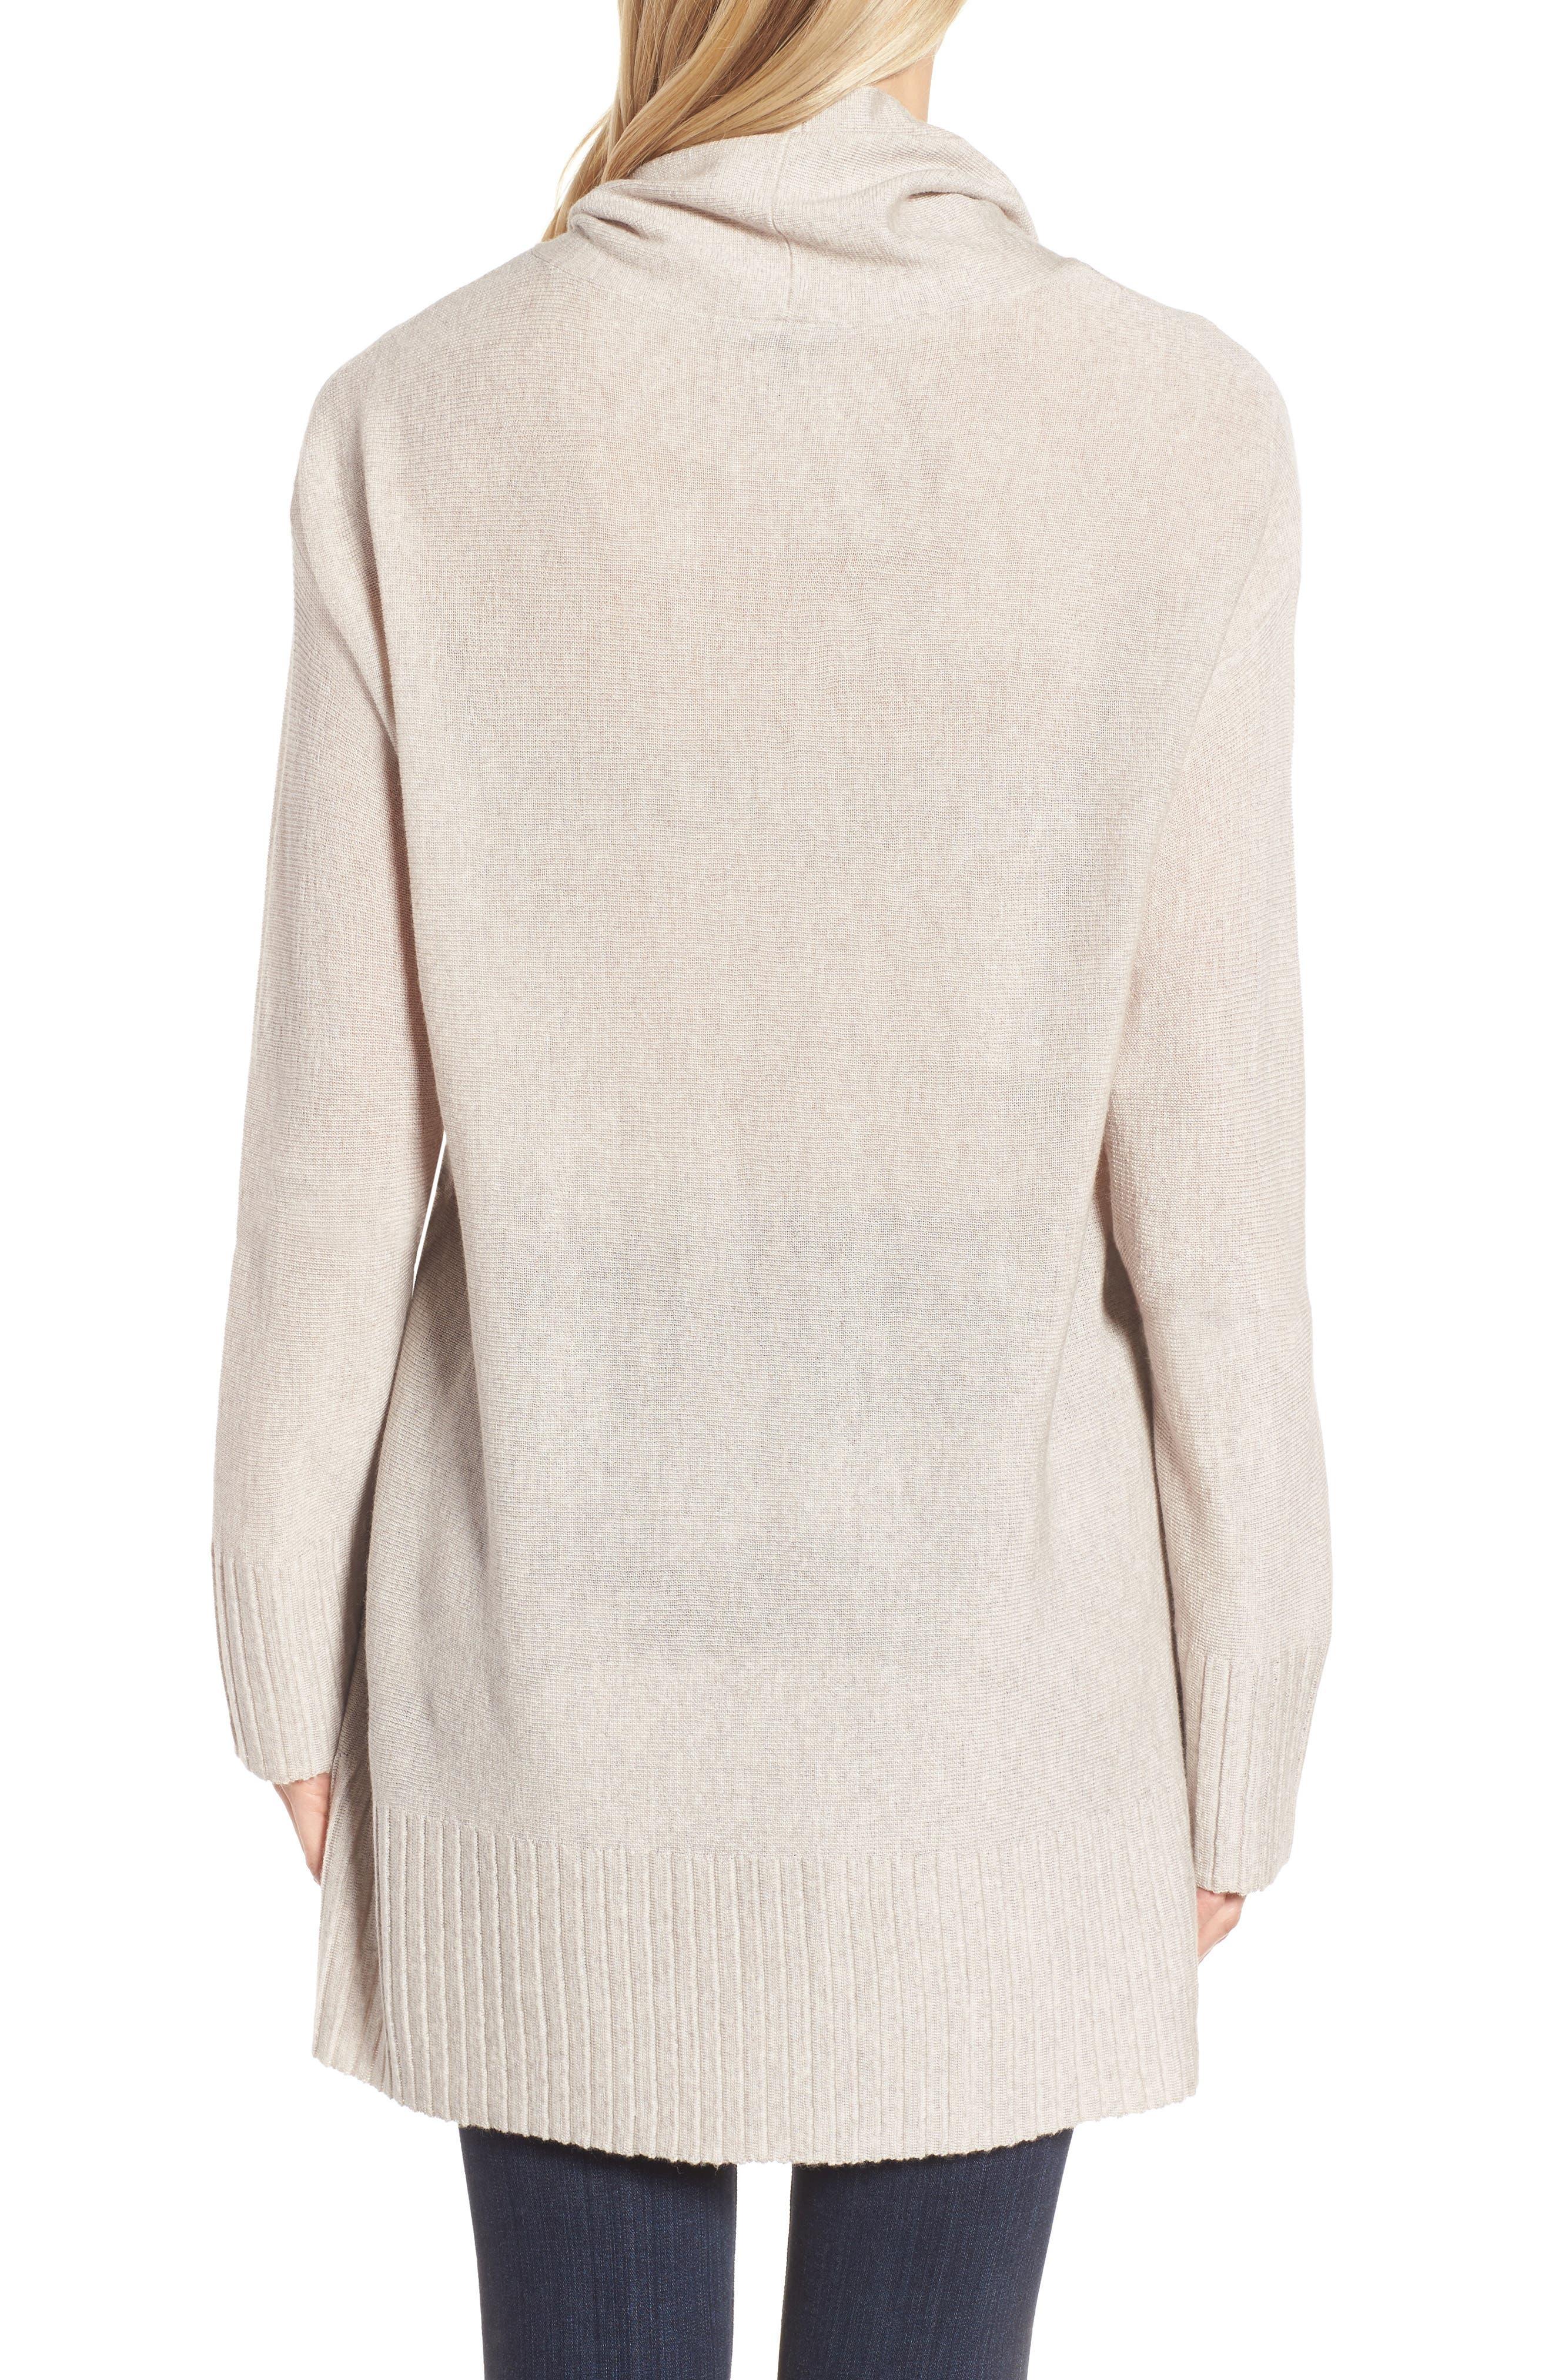 Alternate Image 2  - Eileen Fisher Merino Wool Tunic Sweater